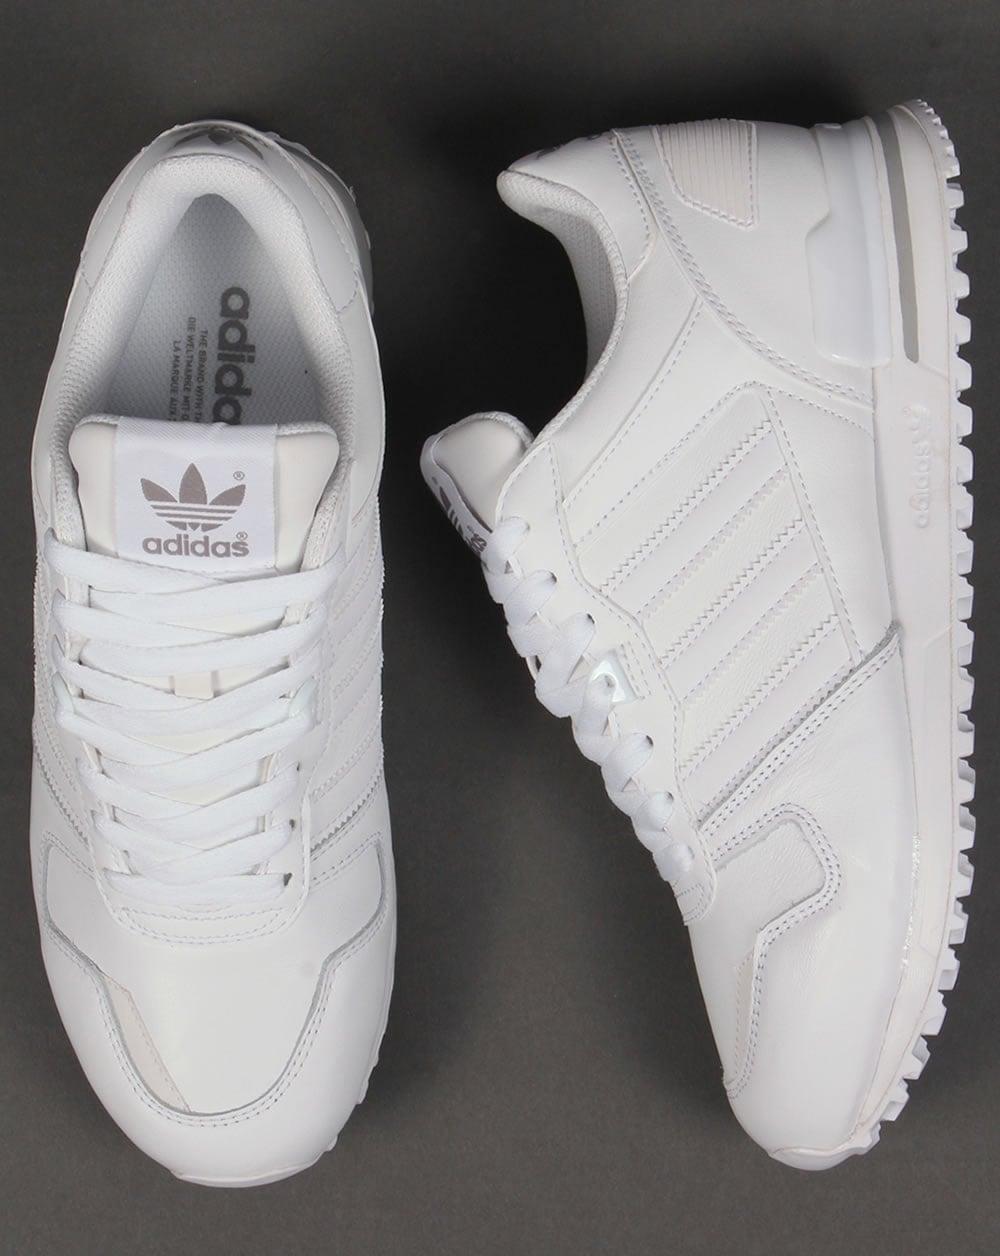 Adidas Zx 700 Cuero Blanco gKcFlasOK